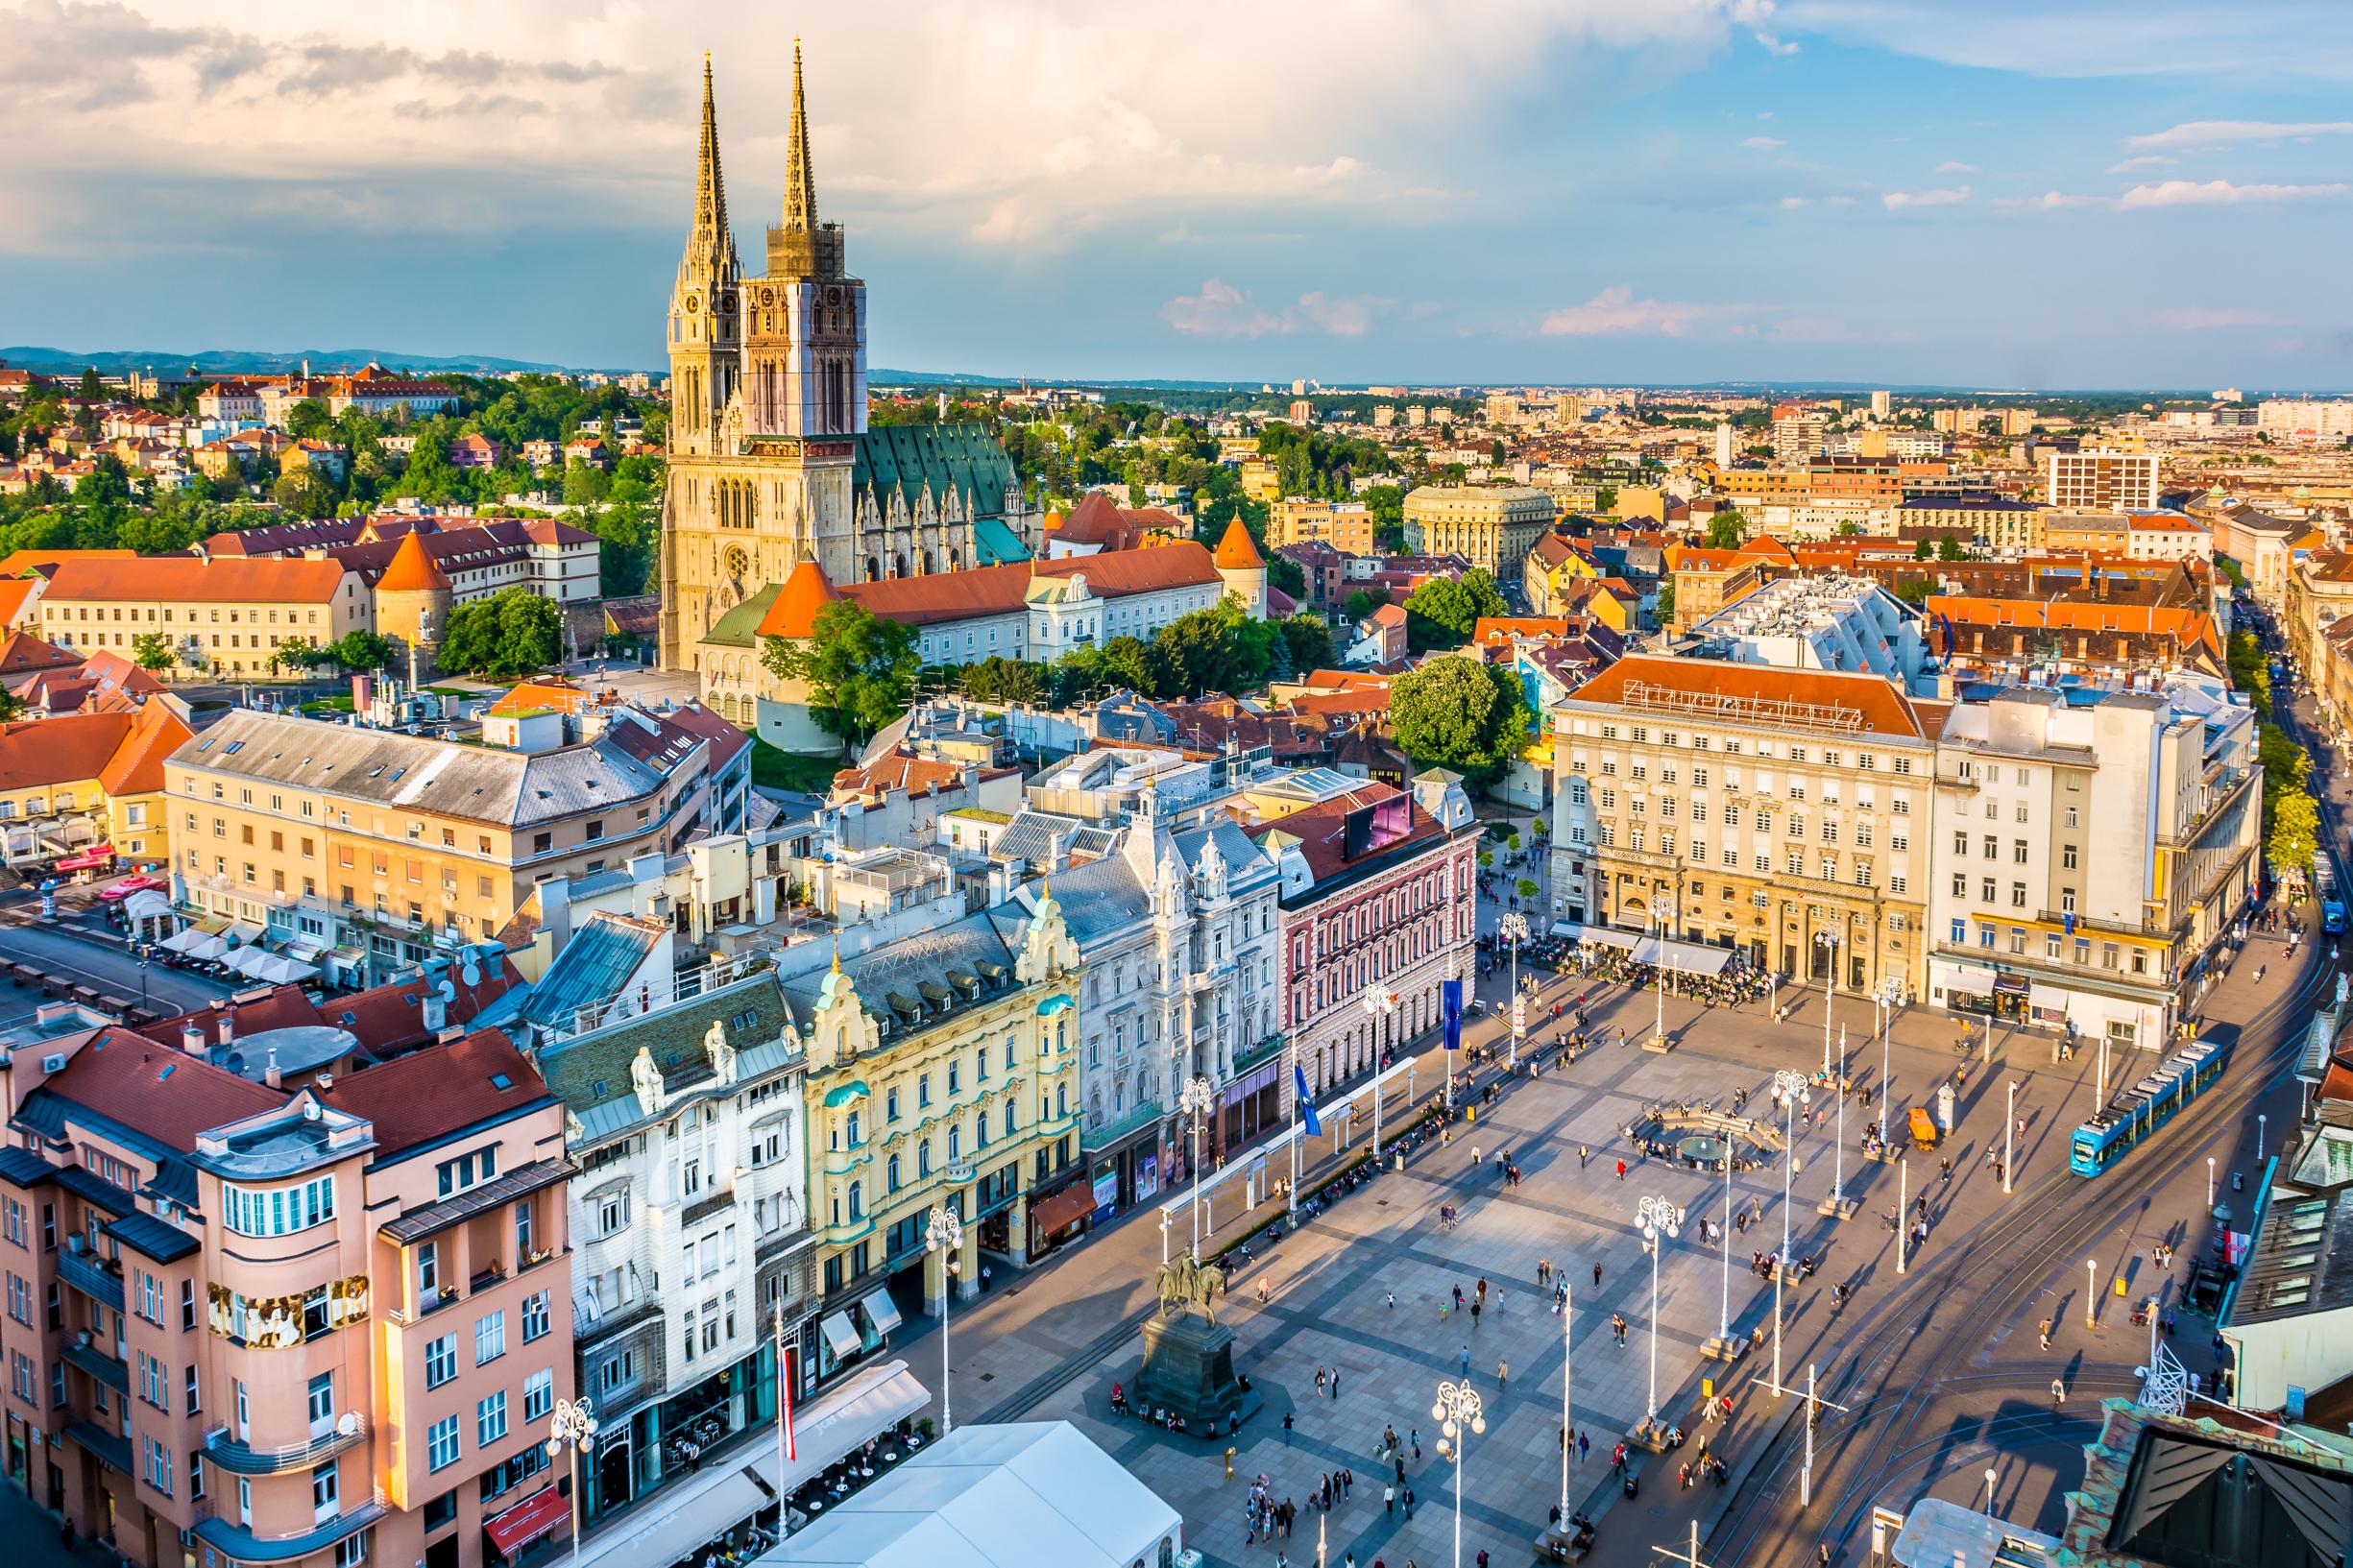 Загреб, столица Хорватии, ПМЖ которой могут получить иностранцы